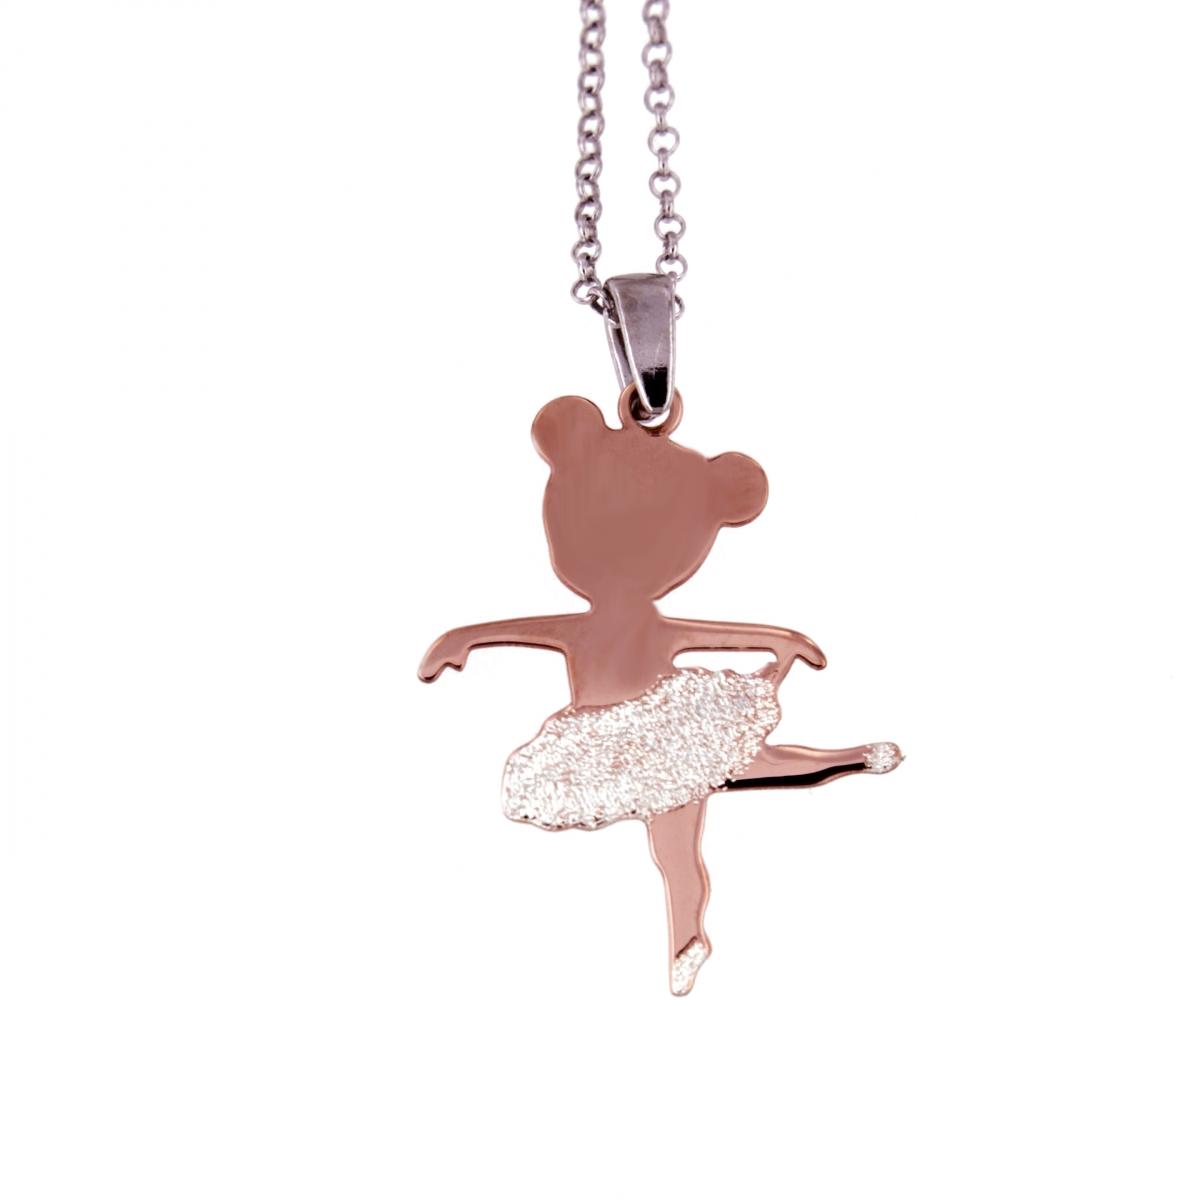 f0fd938200 collana ballerina saggio danza argento diamantato - Moun Jewels ...